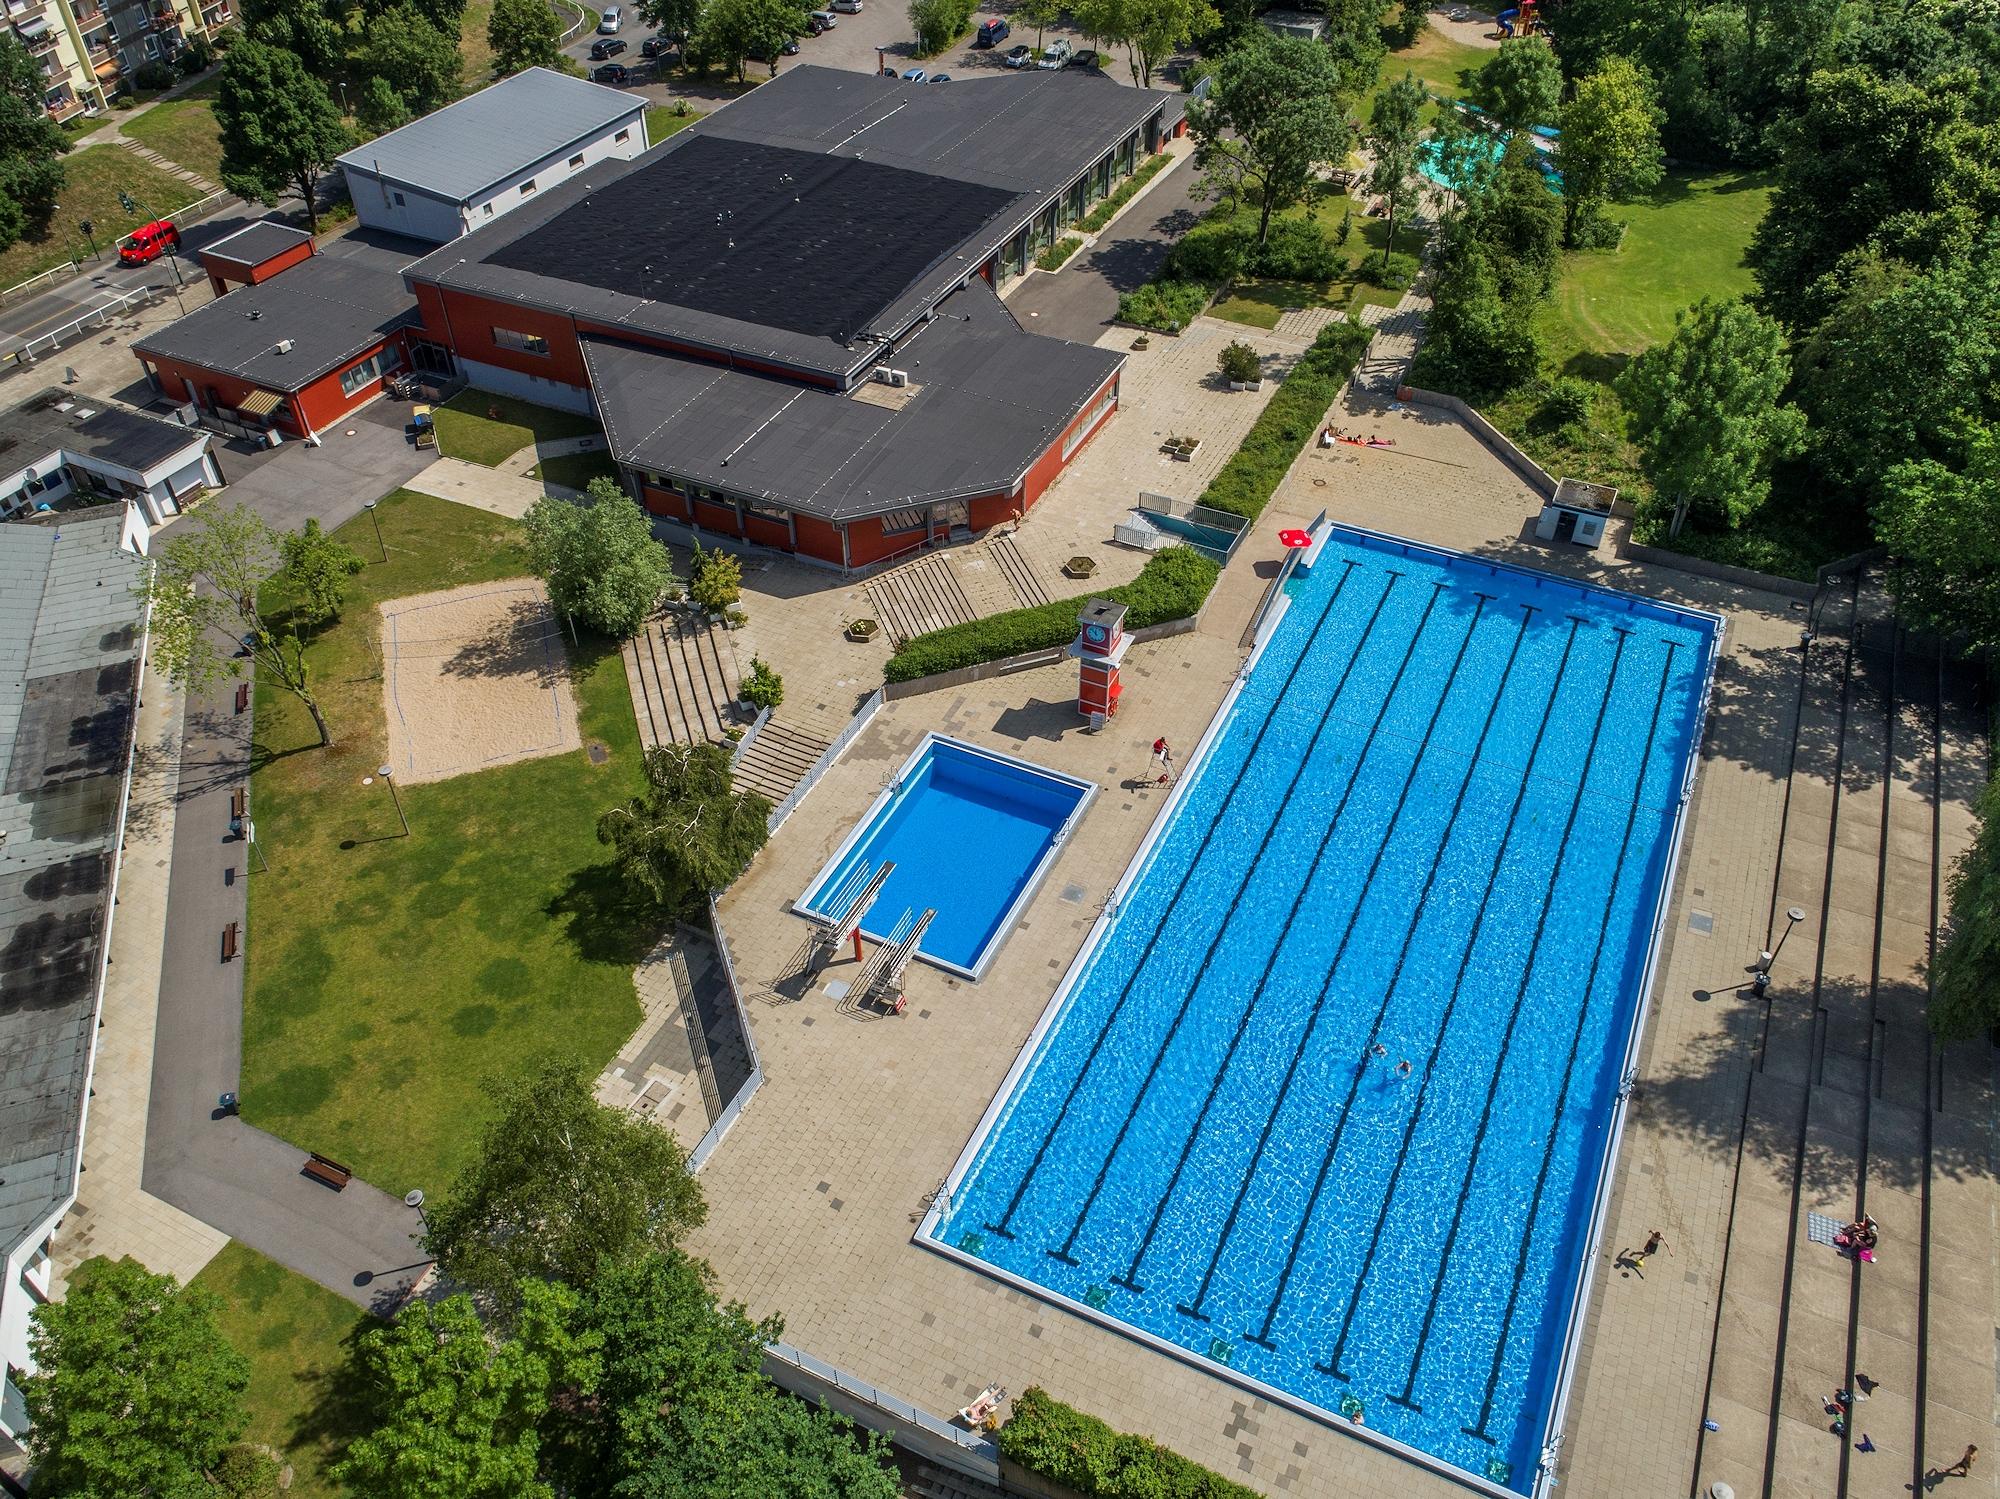 Foto: Luftbildaufnahme des Bad und Sport Oststadt